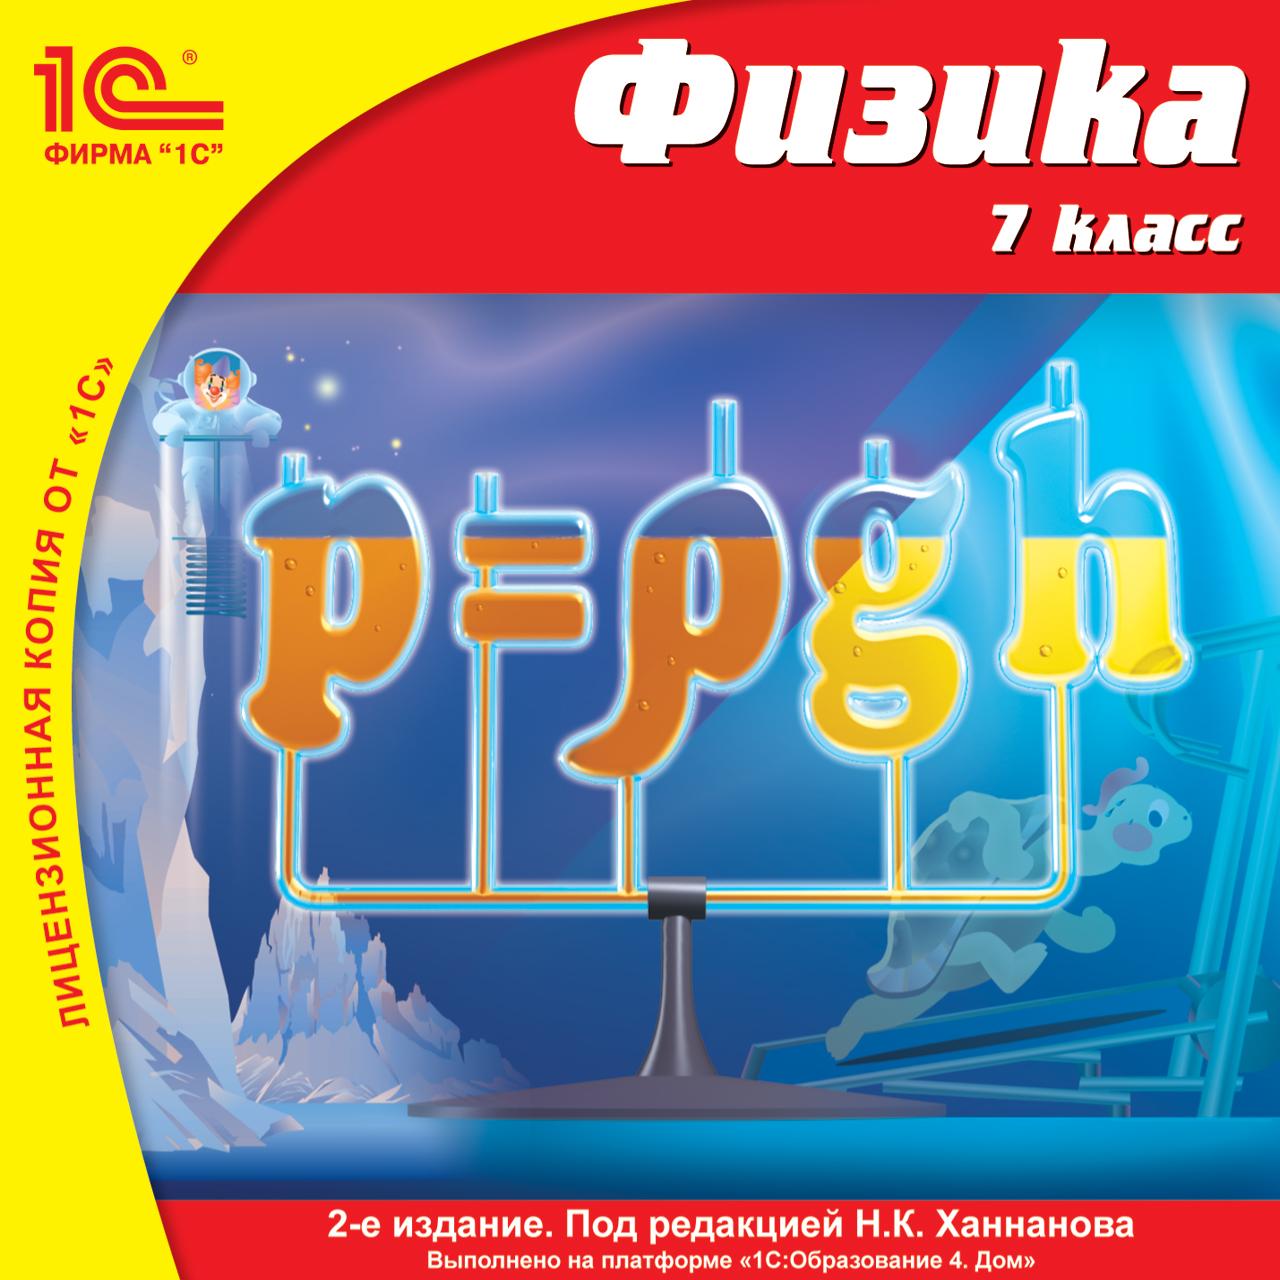 Физика, 7 класс (2-е издание) (Цифровая версия) от 1С Интерес